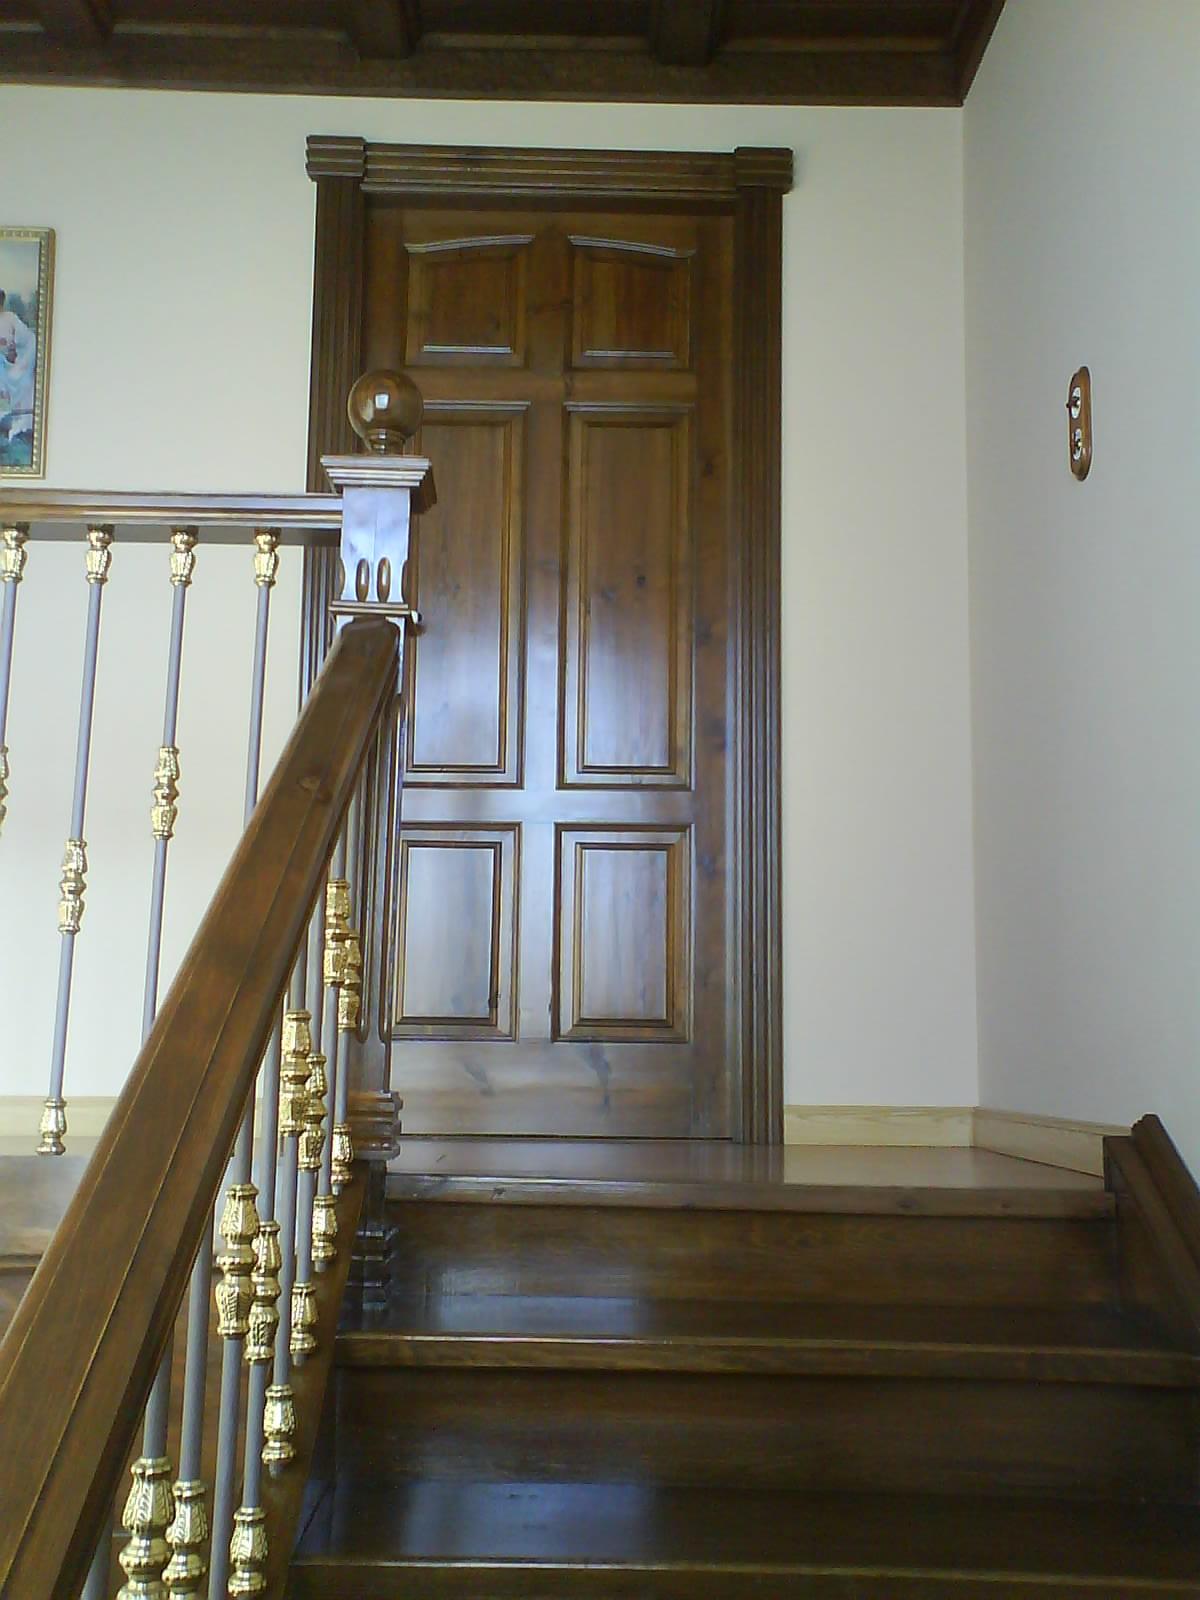 Carpinter a baena subida de escalera for Muebles baena